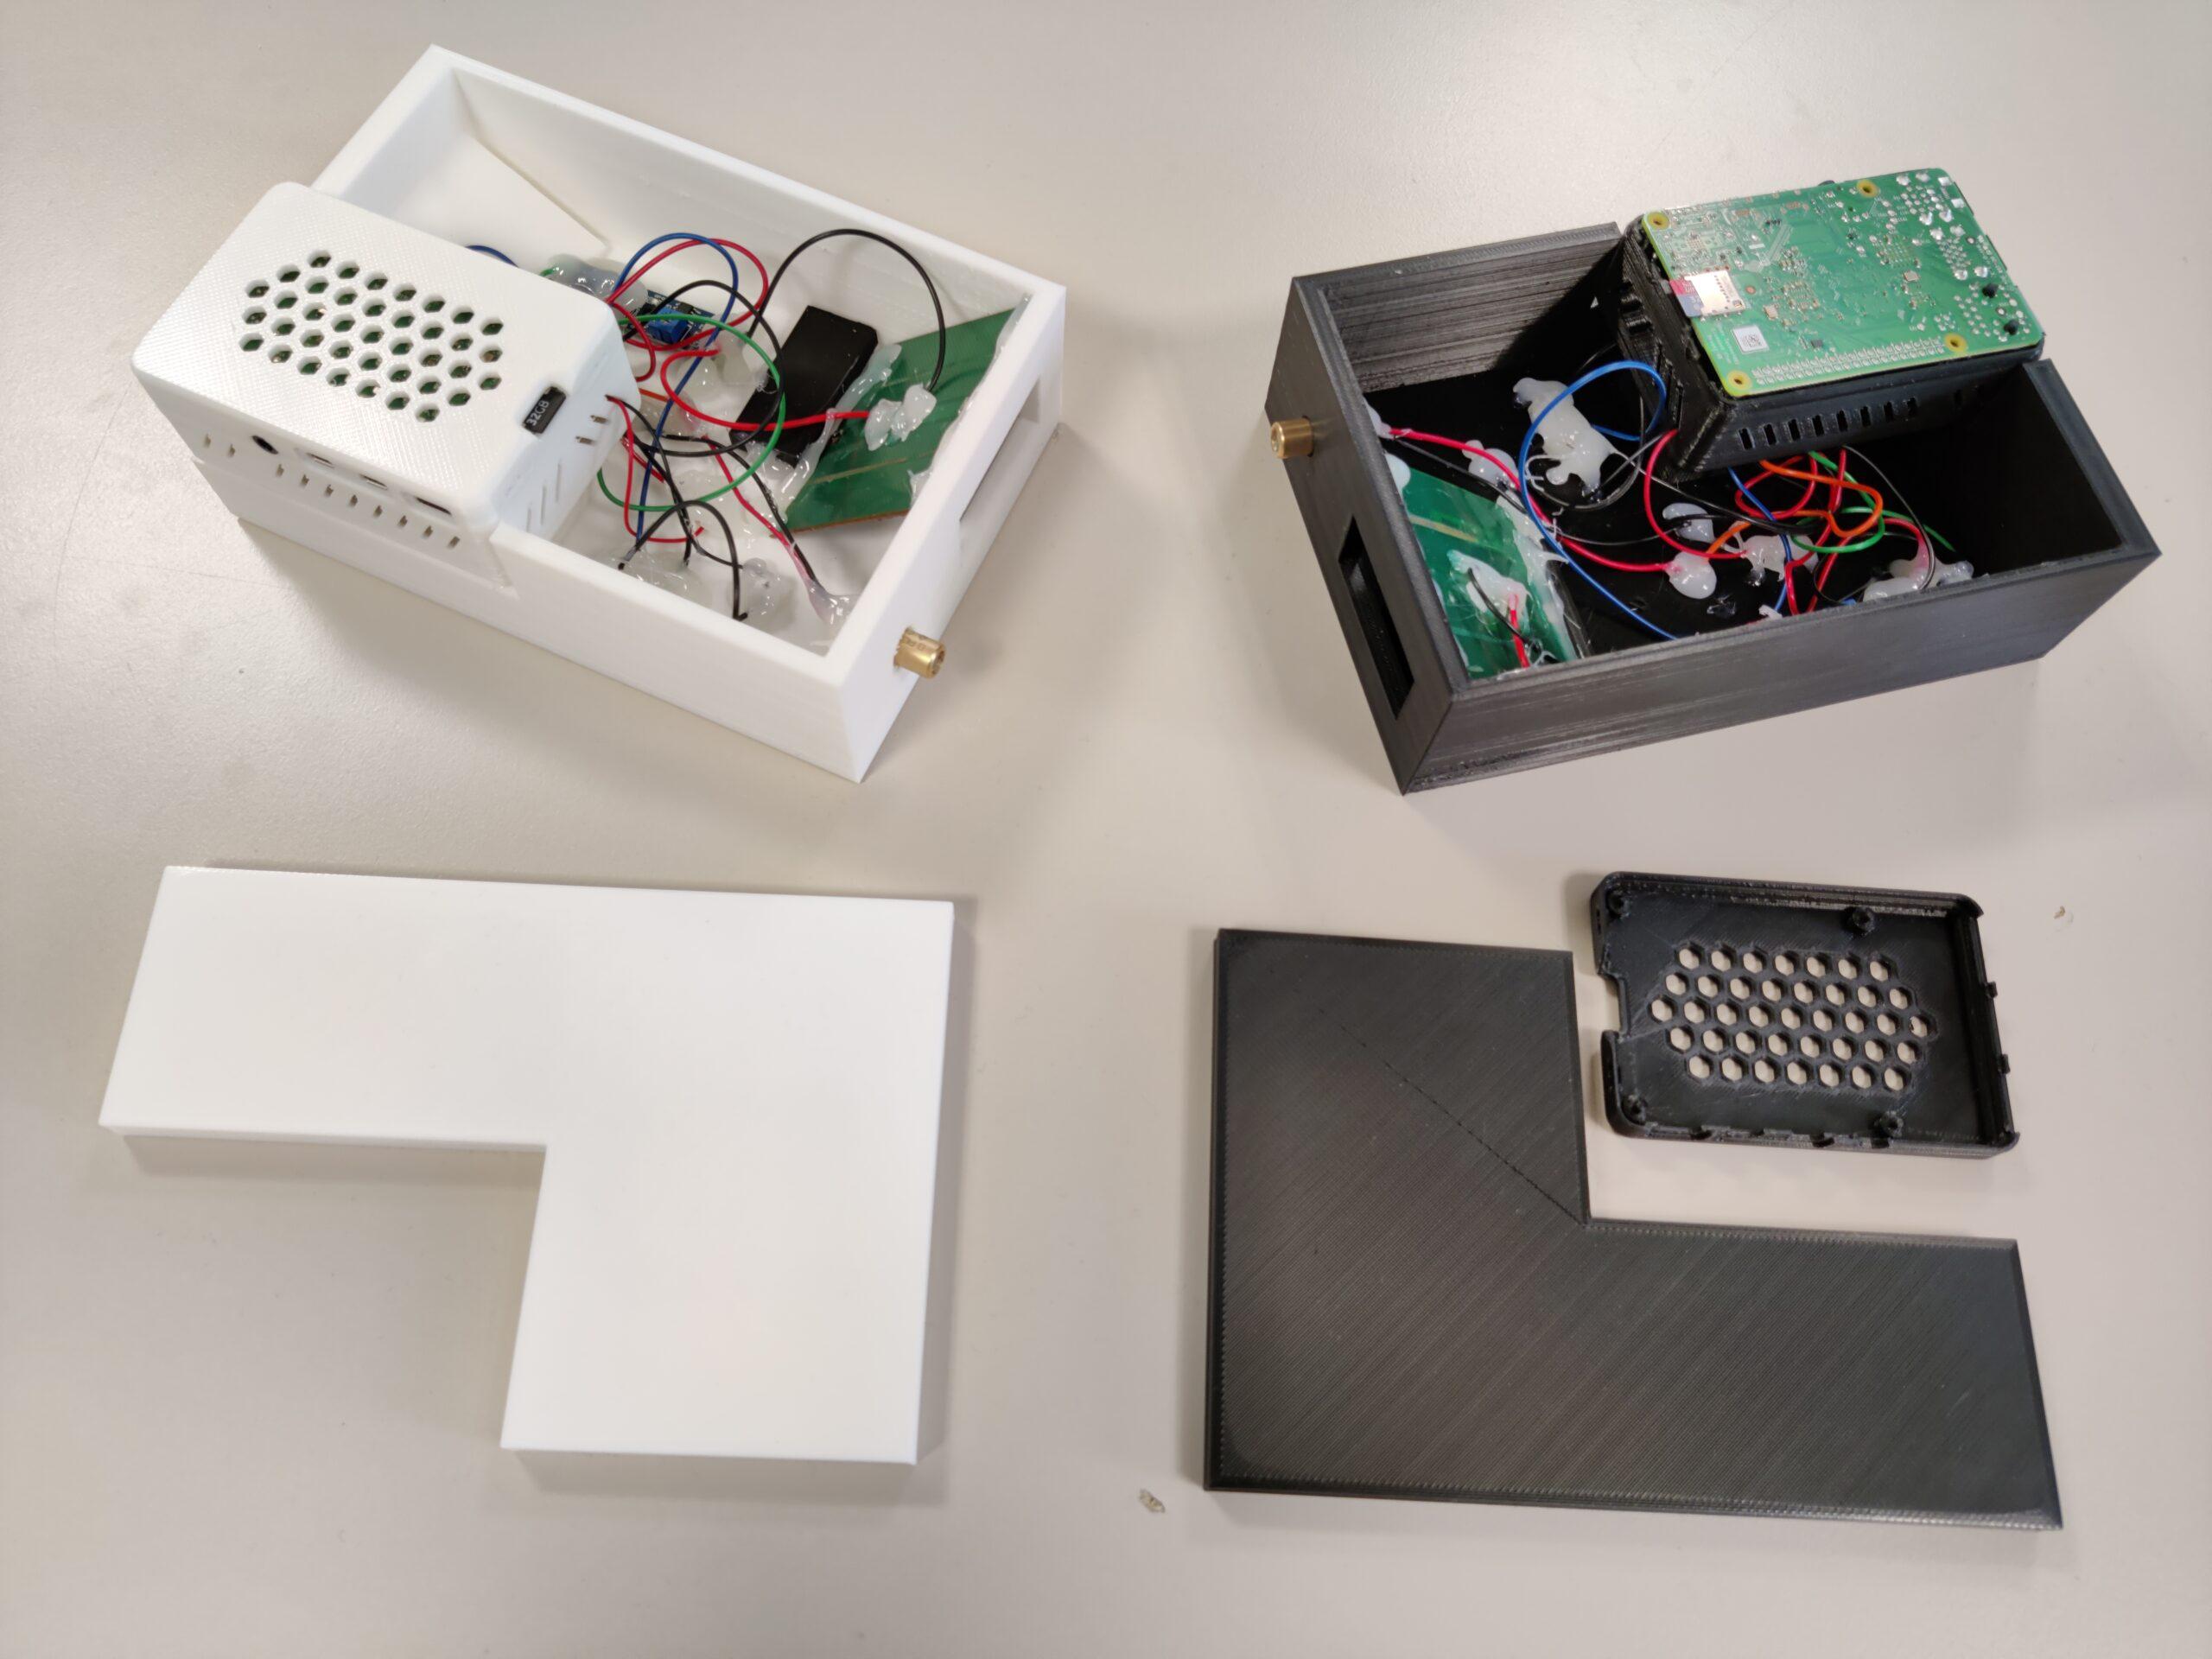 Datenübertragung per Licht Lifi VLC